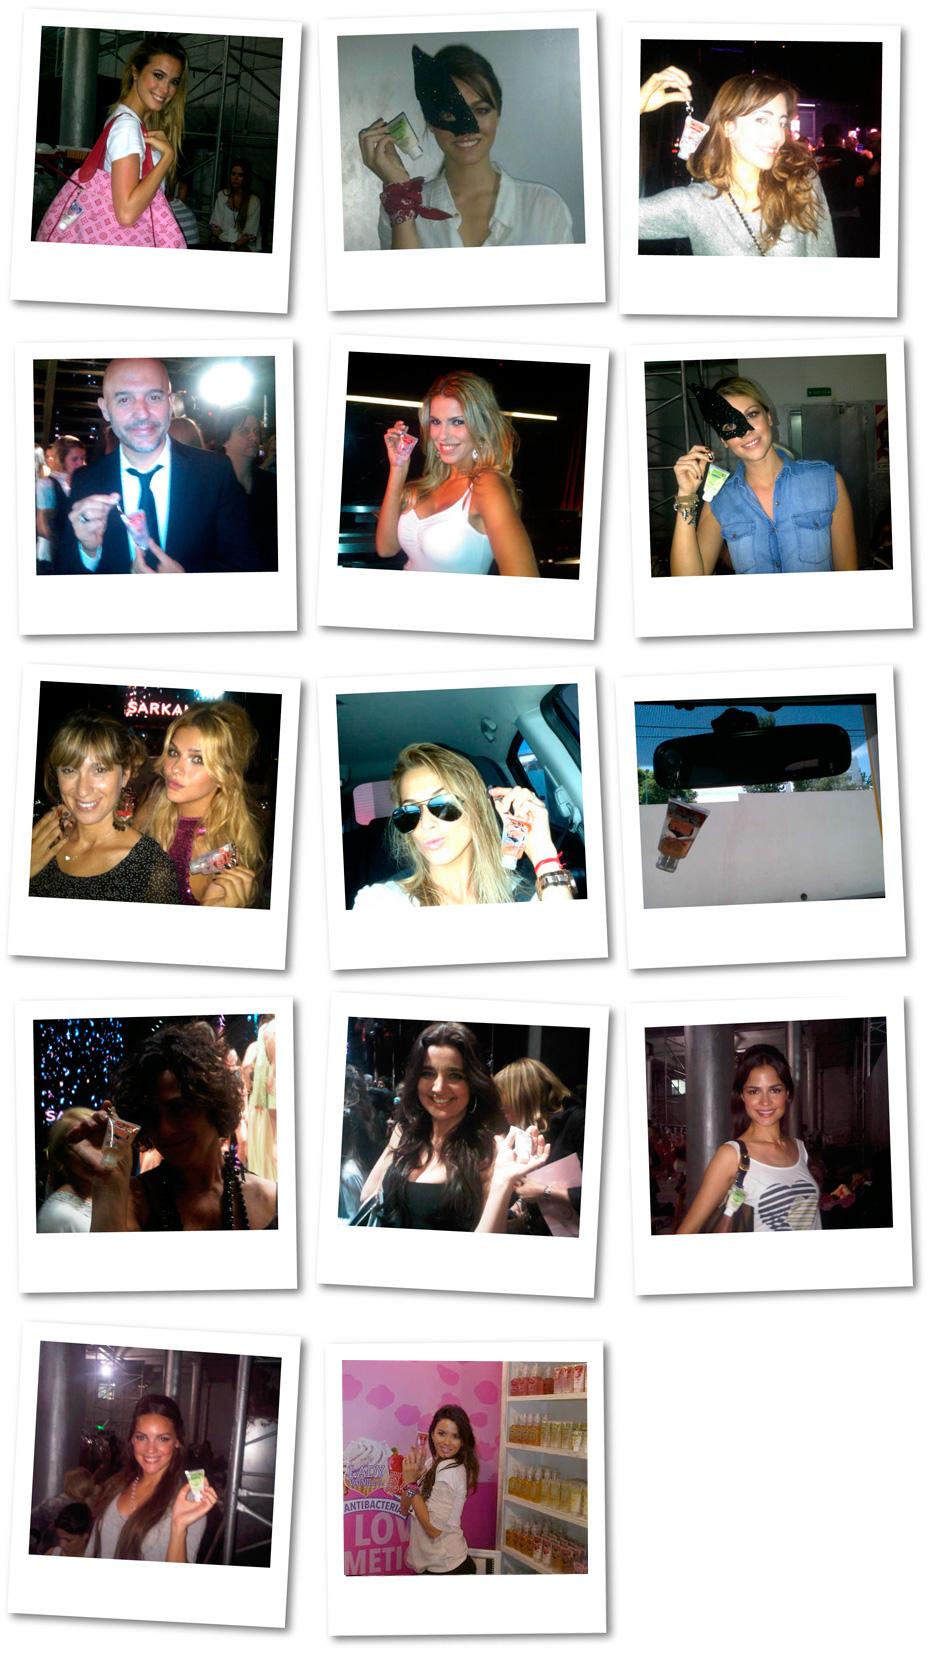 celebrities_contenido3